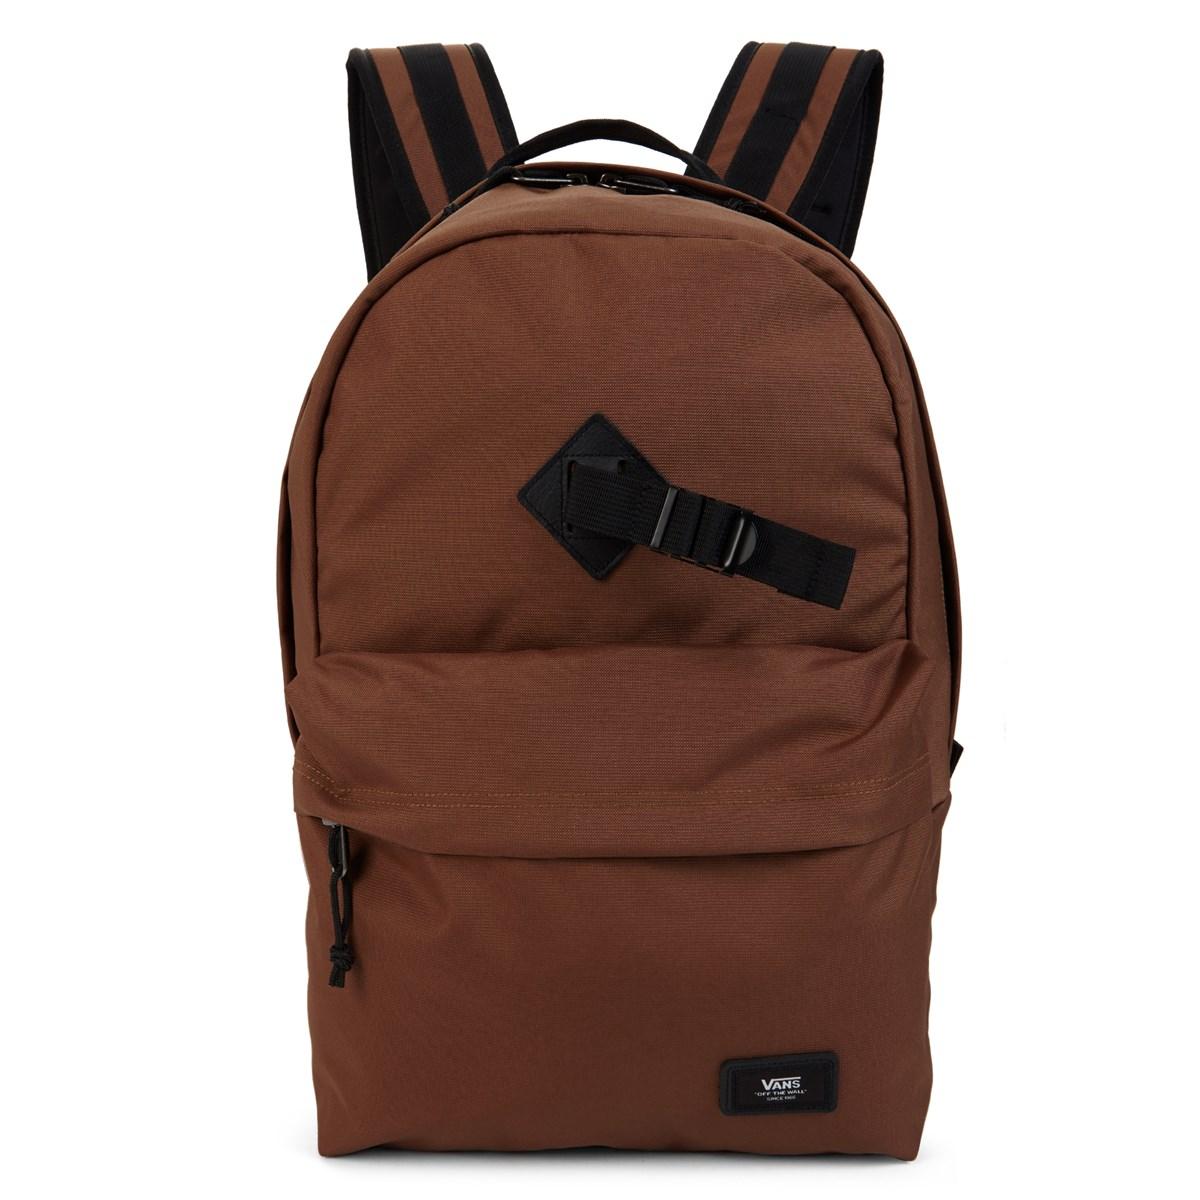 b8f1c2fccfb2 Old Skool Travel Camel Backpack. Previous. default view  ALT1  ALT2